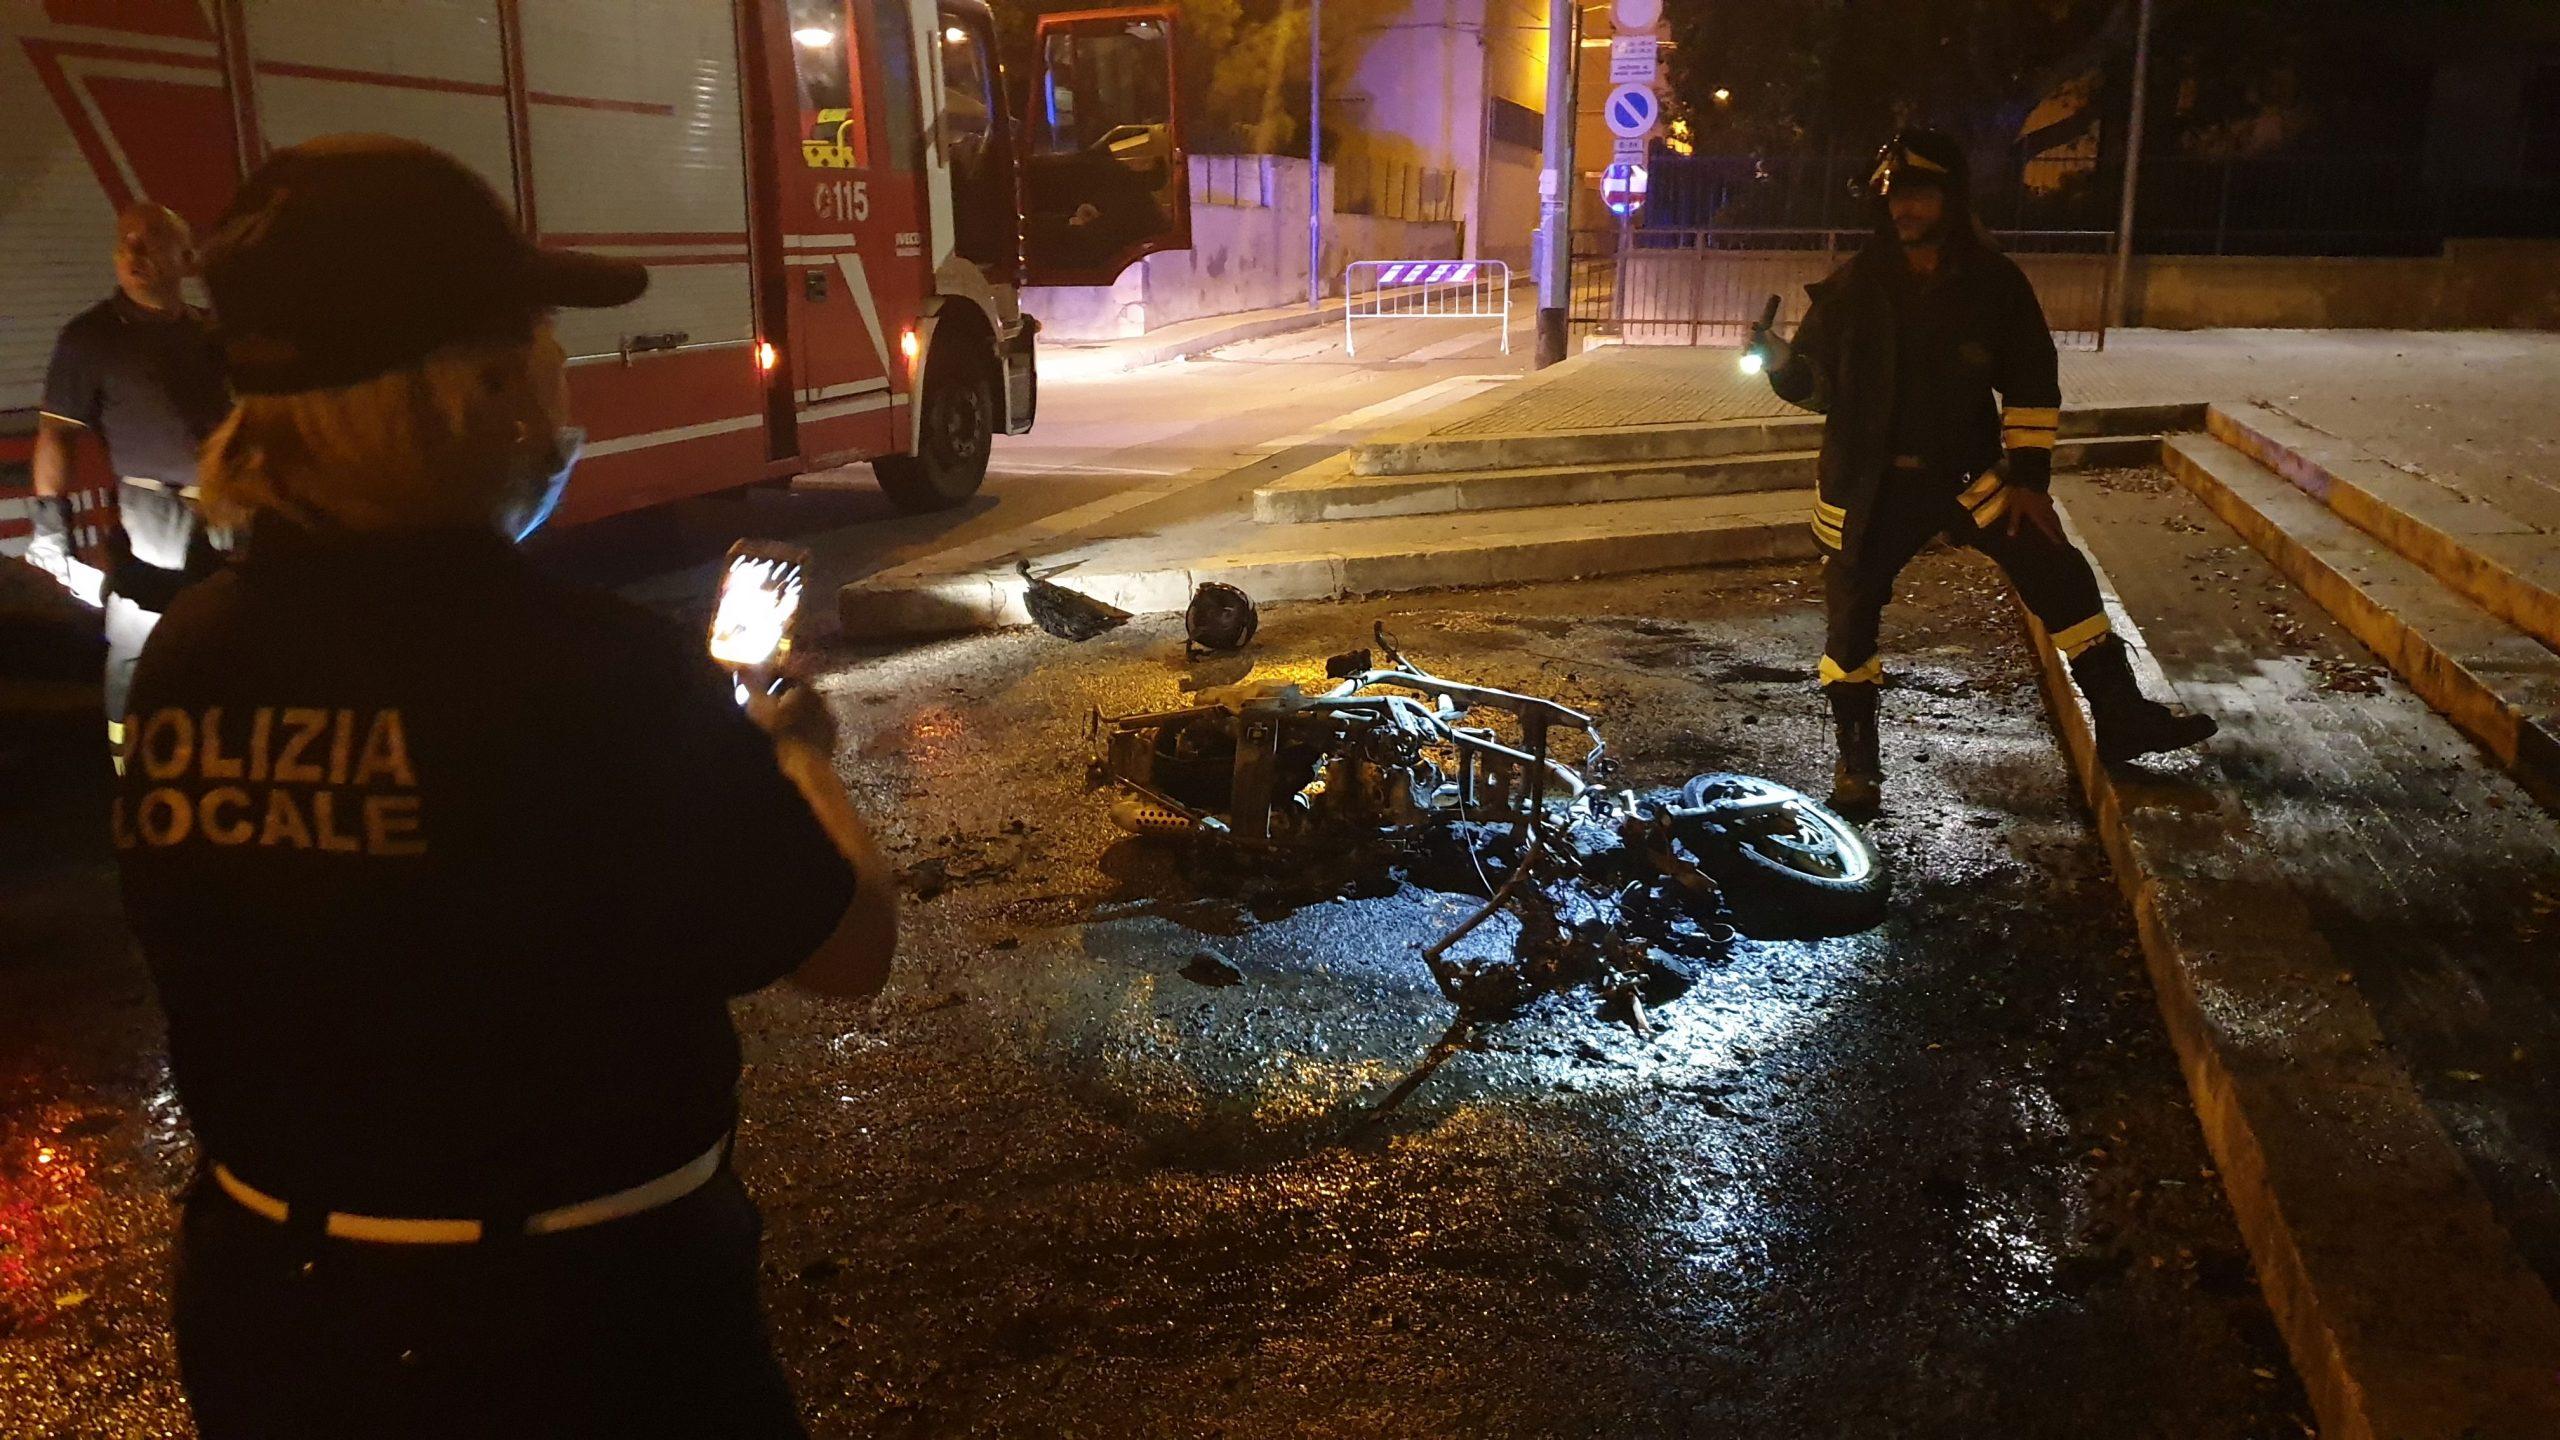 Brucia uno scooter in piazza degli Studi. Indagano i carabinieri